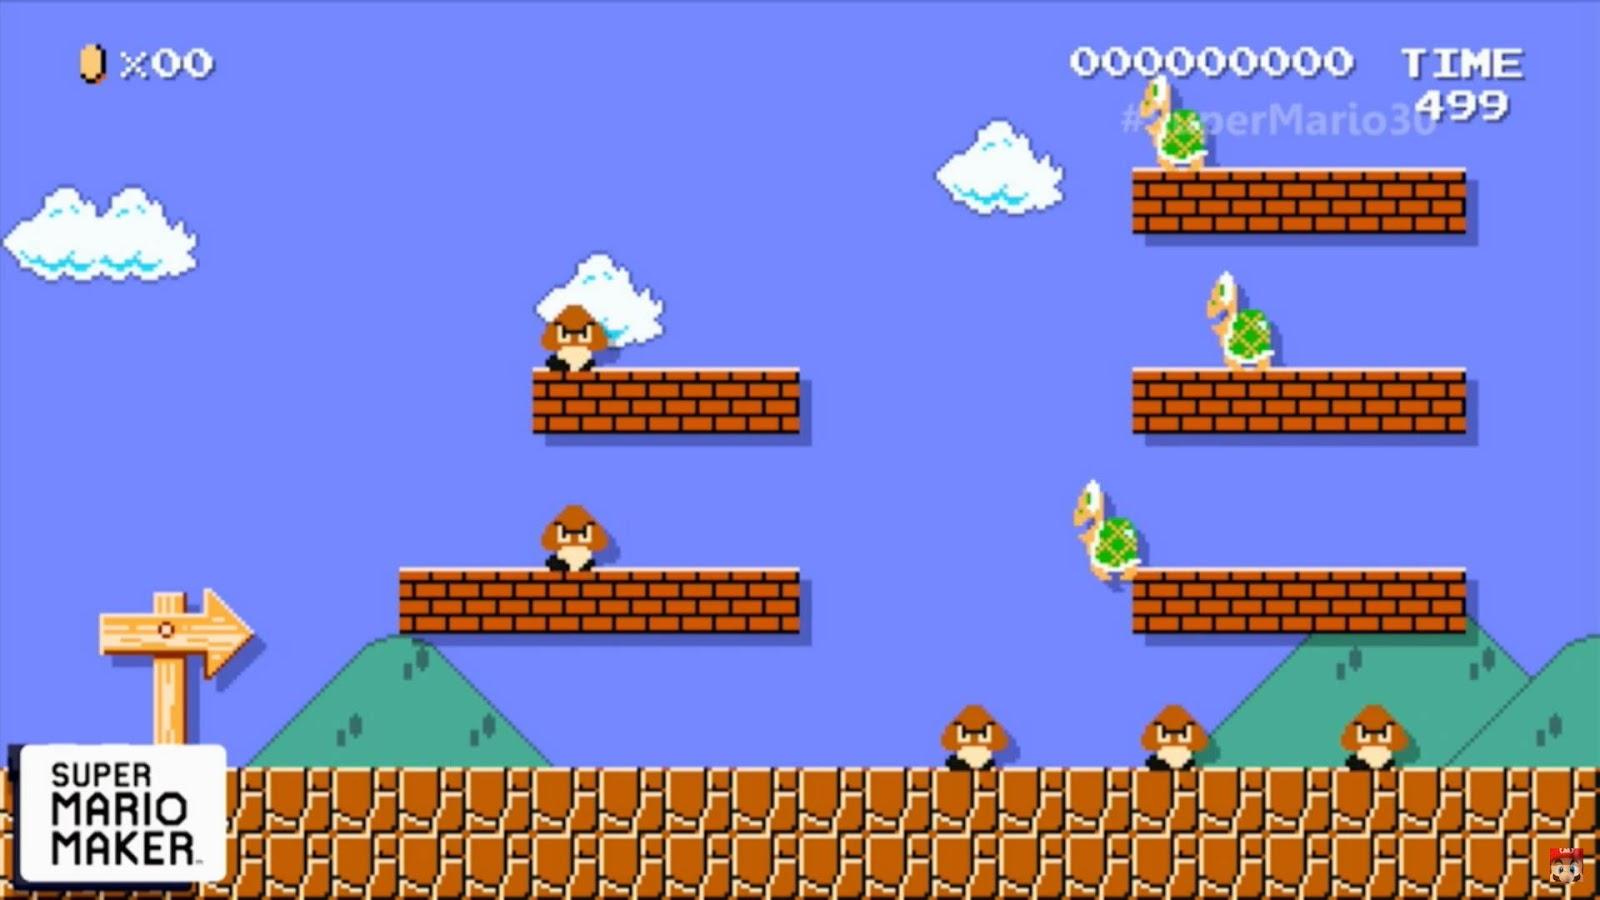 Squishy Super Mario Maker 1 : Game Drop Zone: E3 2015 - Nintendo Press Conference Roundup